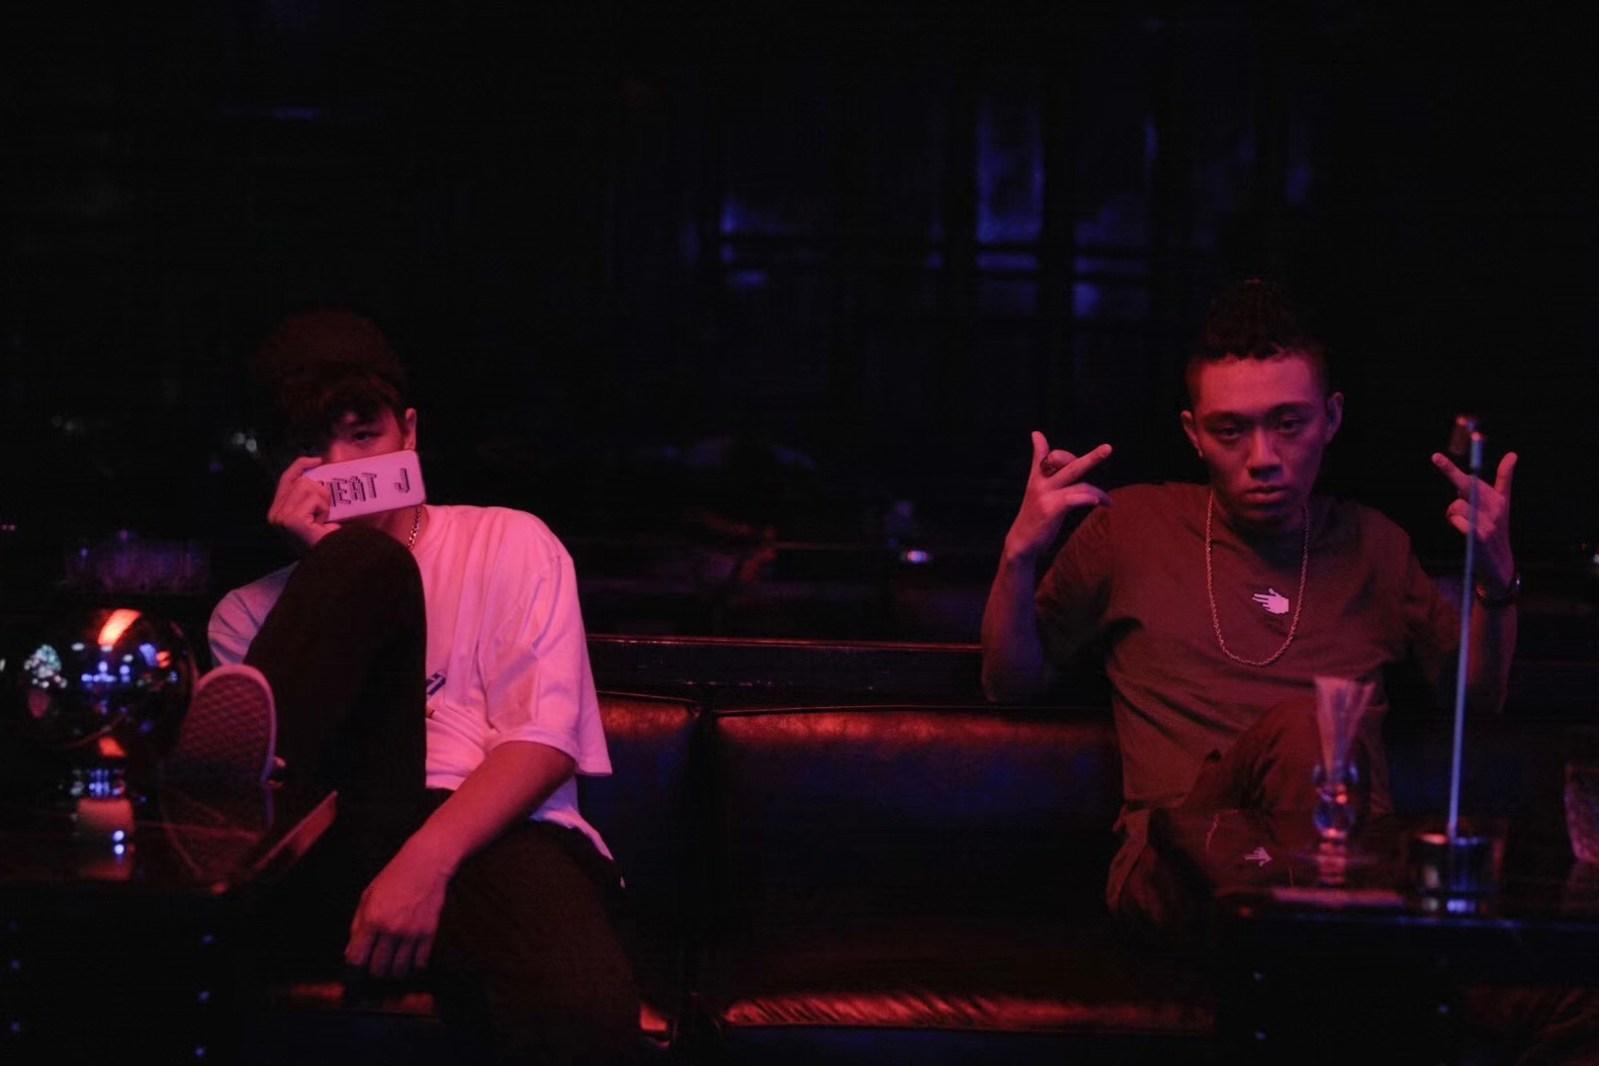 调研:《中国有嘻哈》两个月后,Hip-Hop 在中国的变化有多大